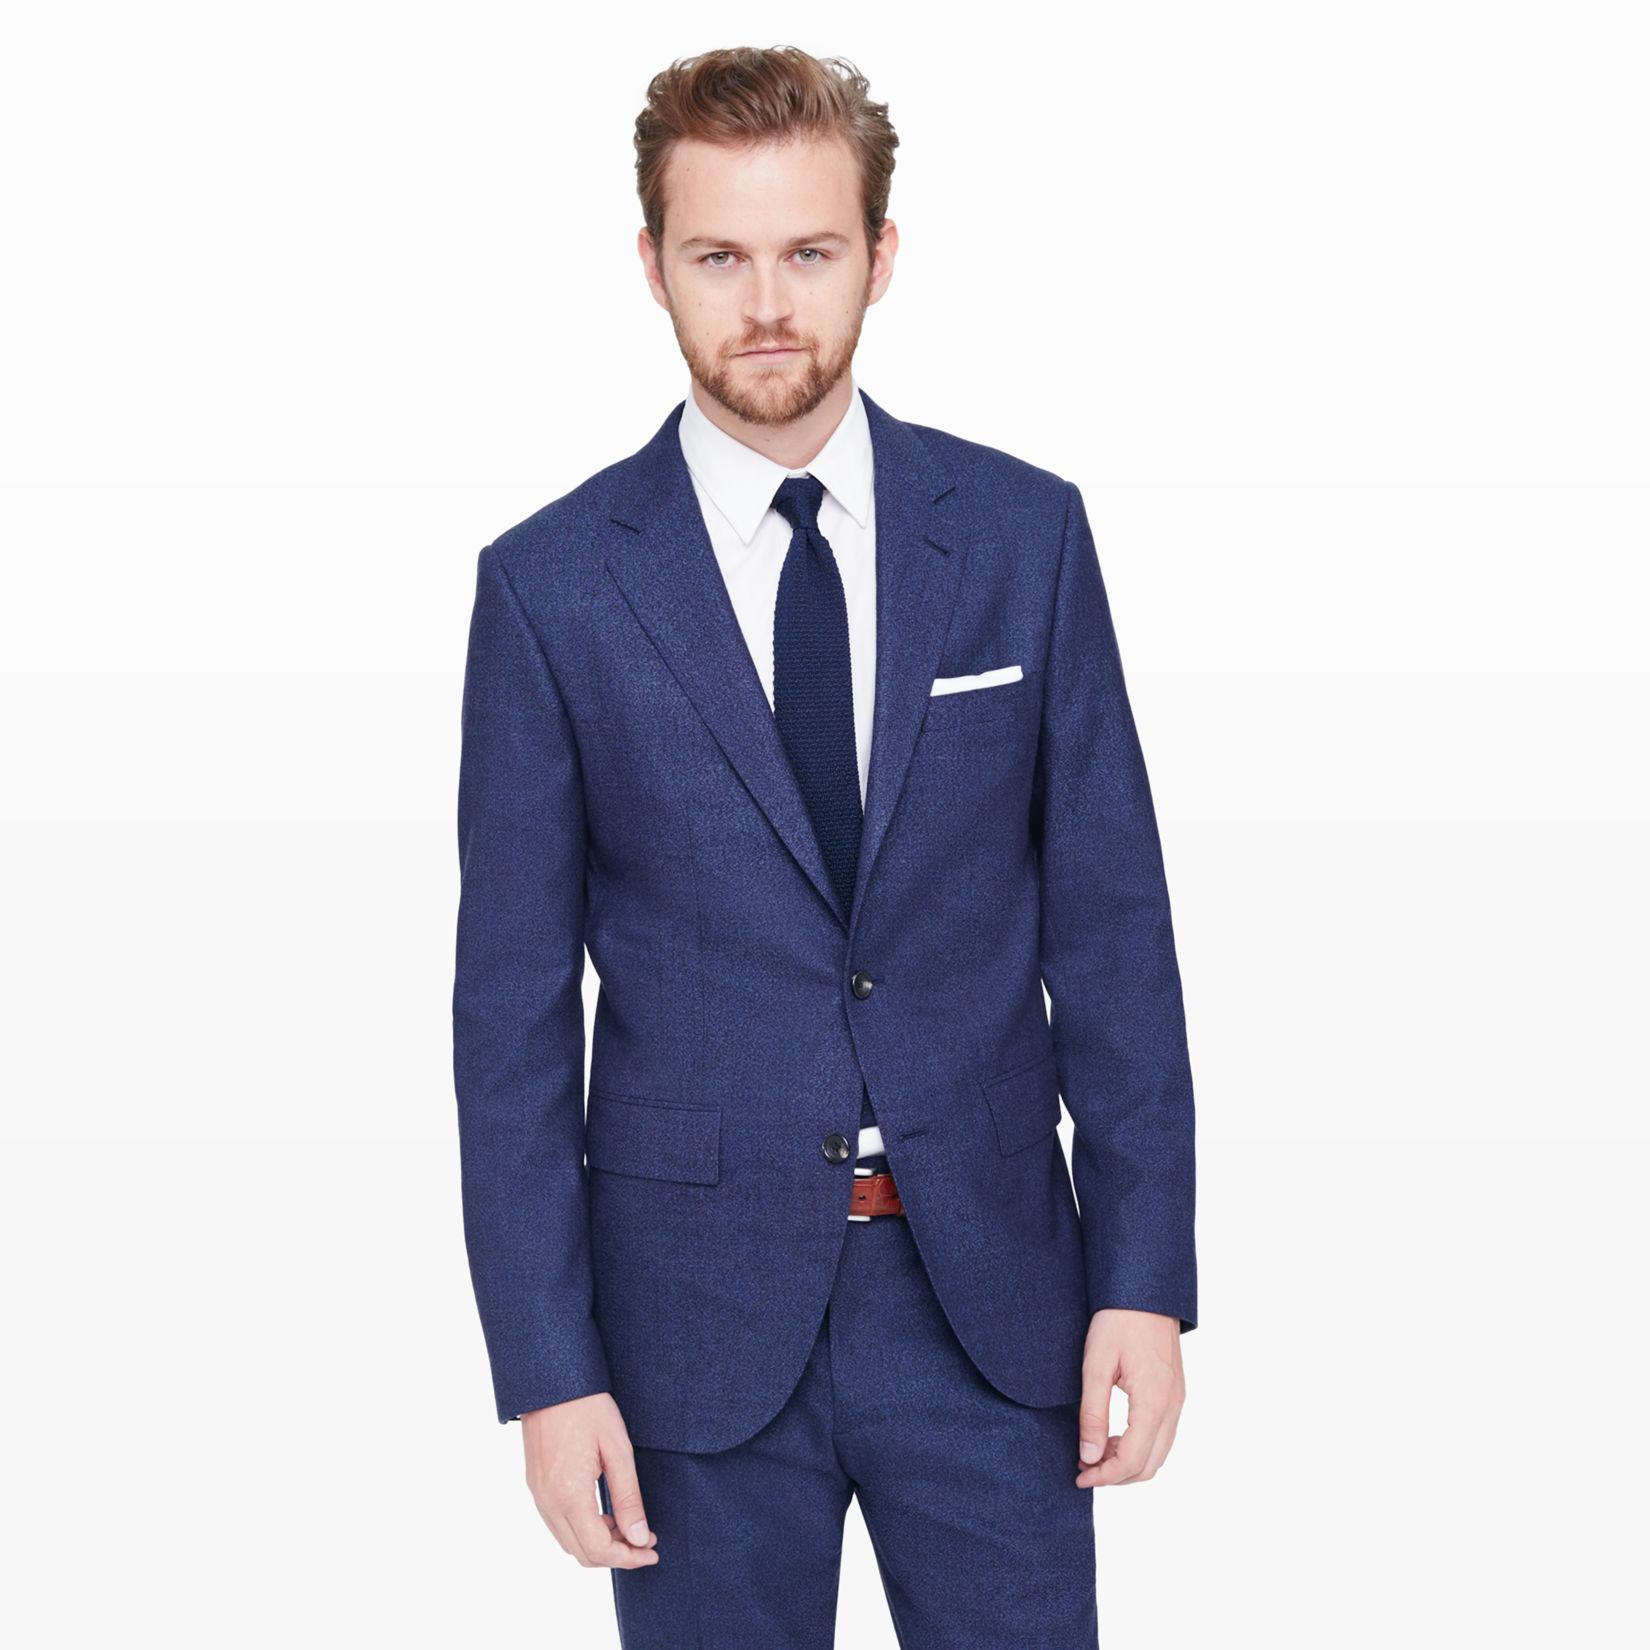 Mens jacket cotton - Mens Jacket Cotton 43